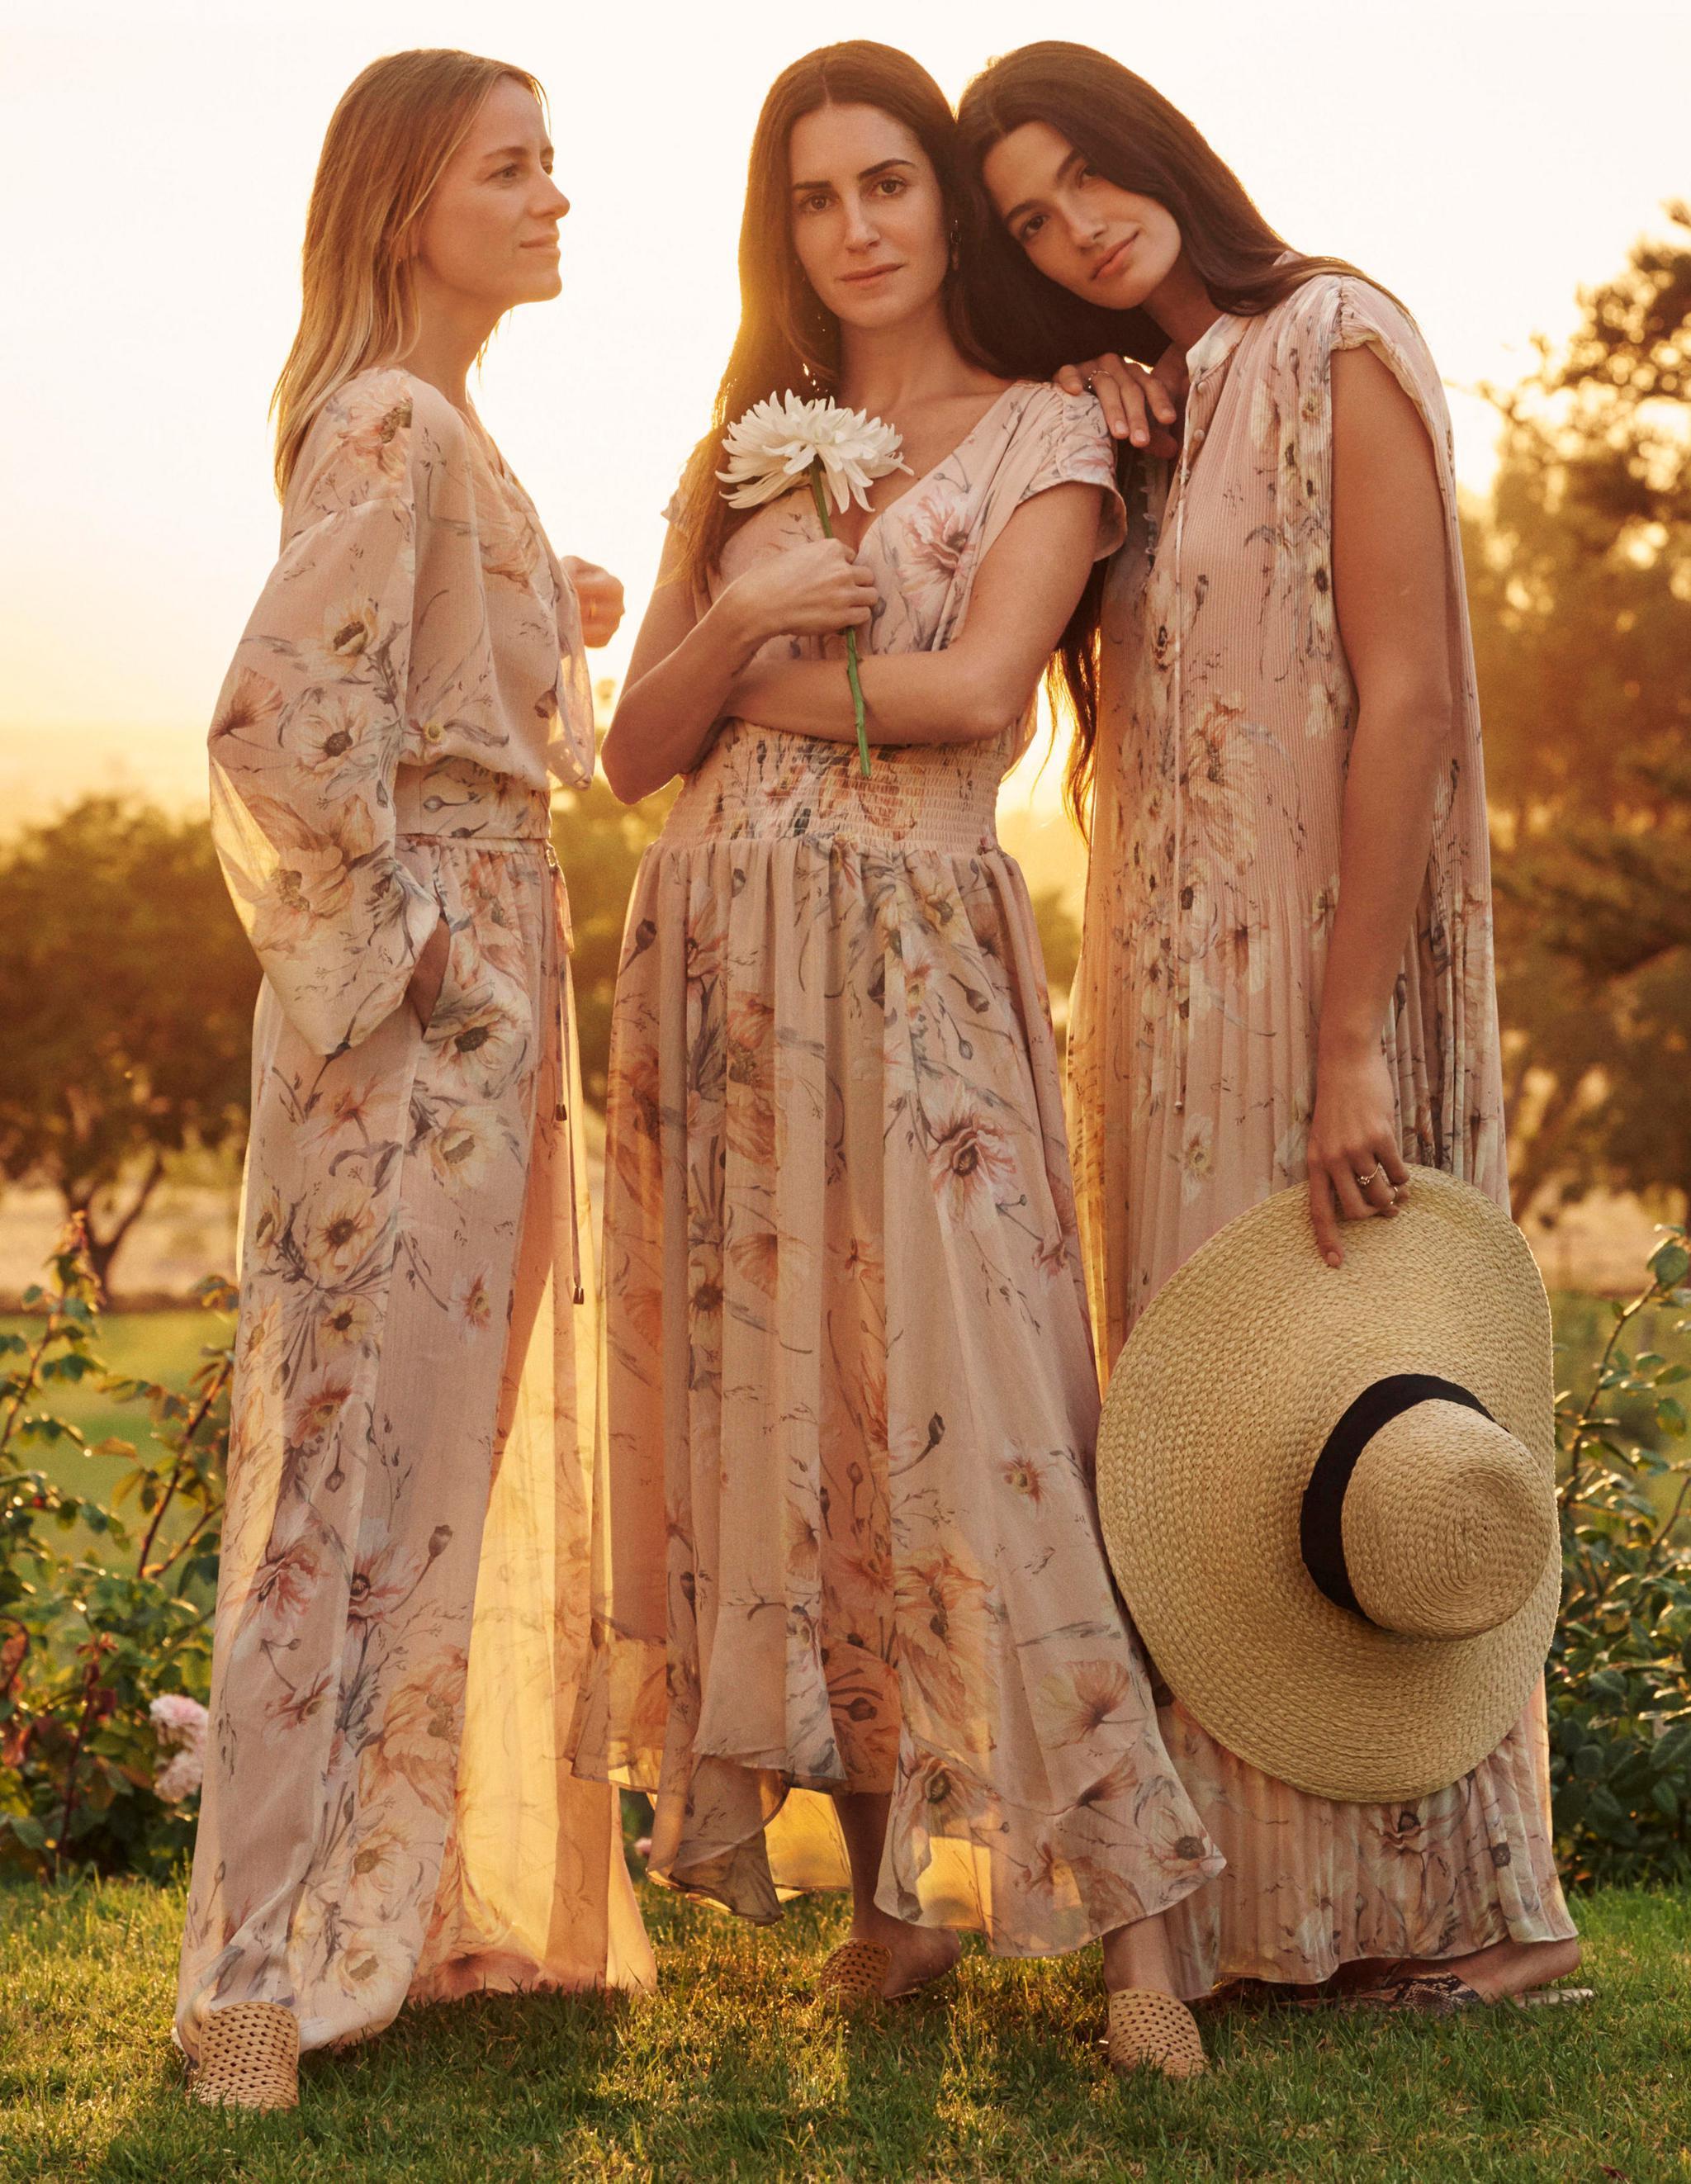 挪威监管机构批评H&M可持续时尚系列虚假营销